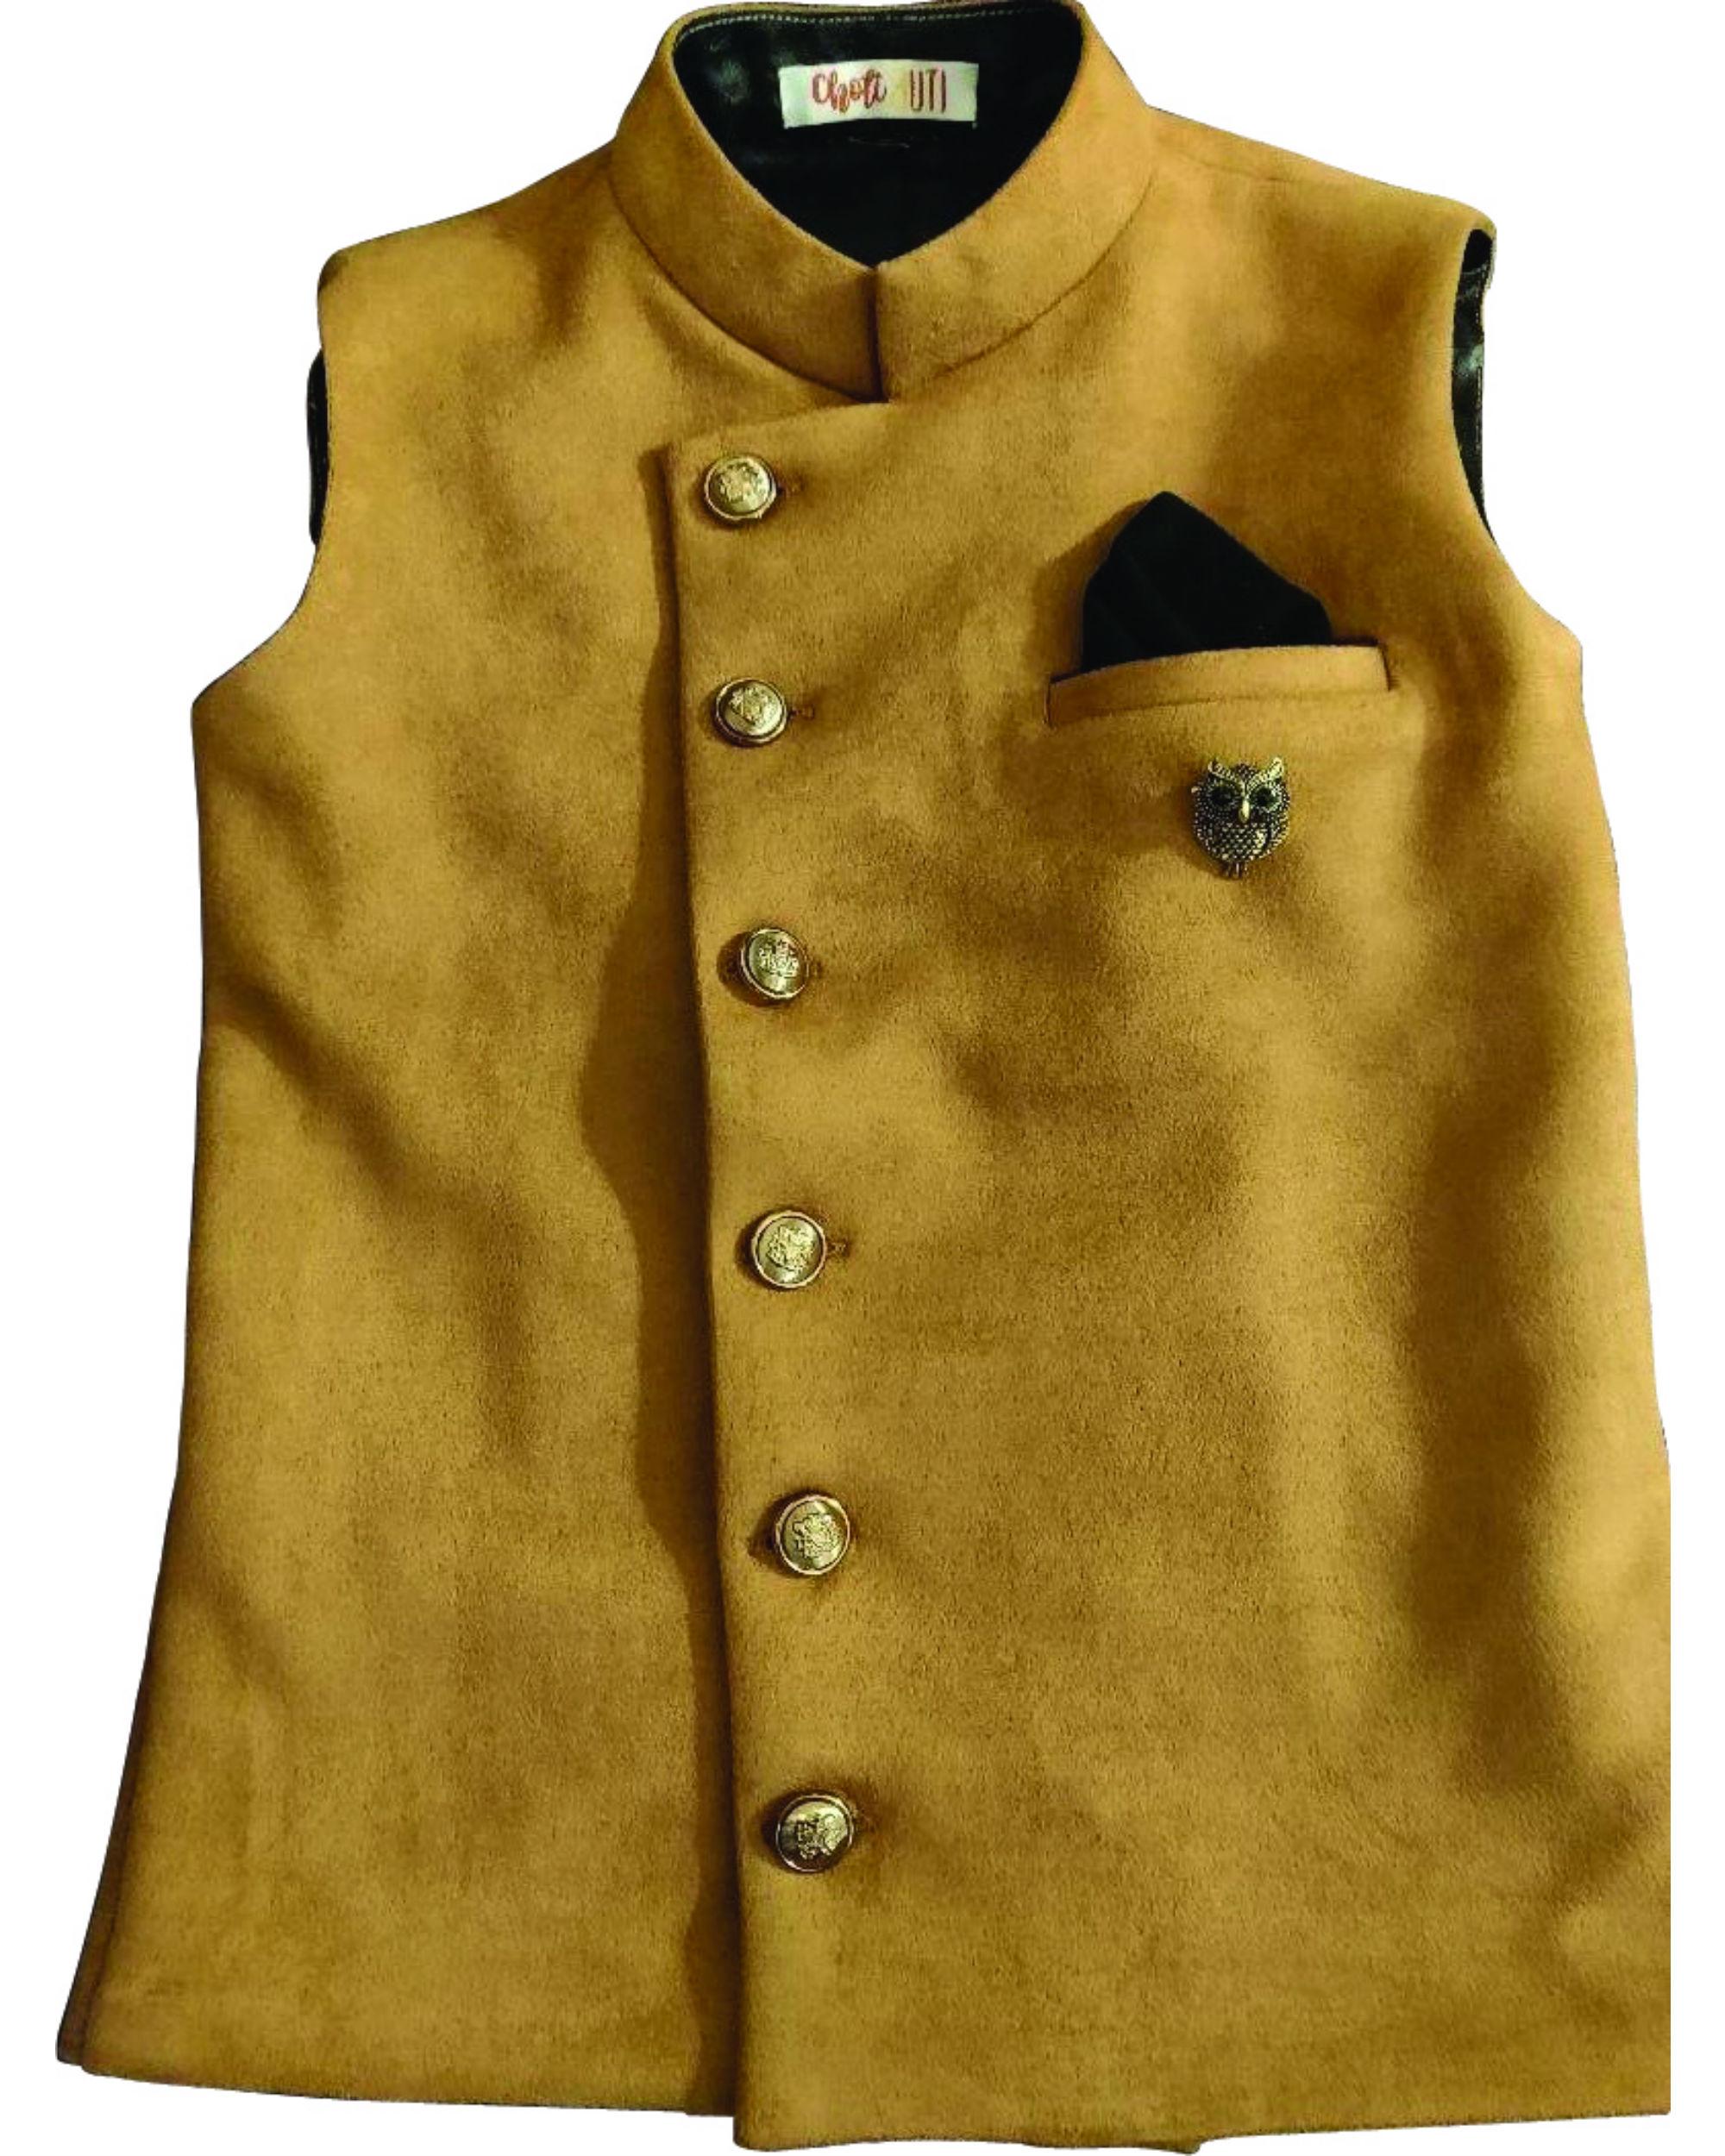 Bandh gala brown jacket